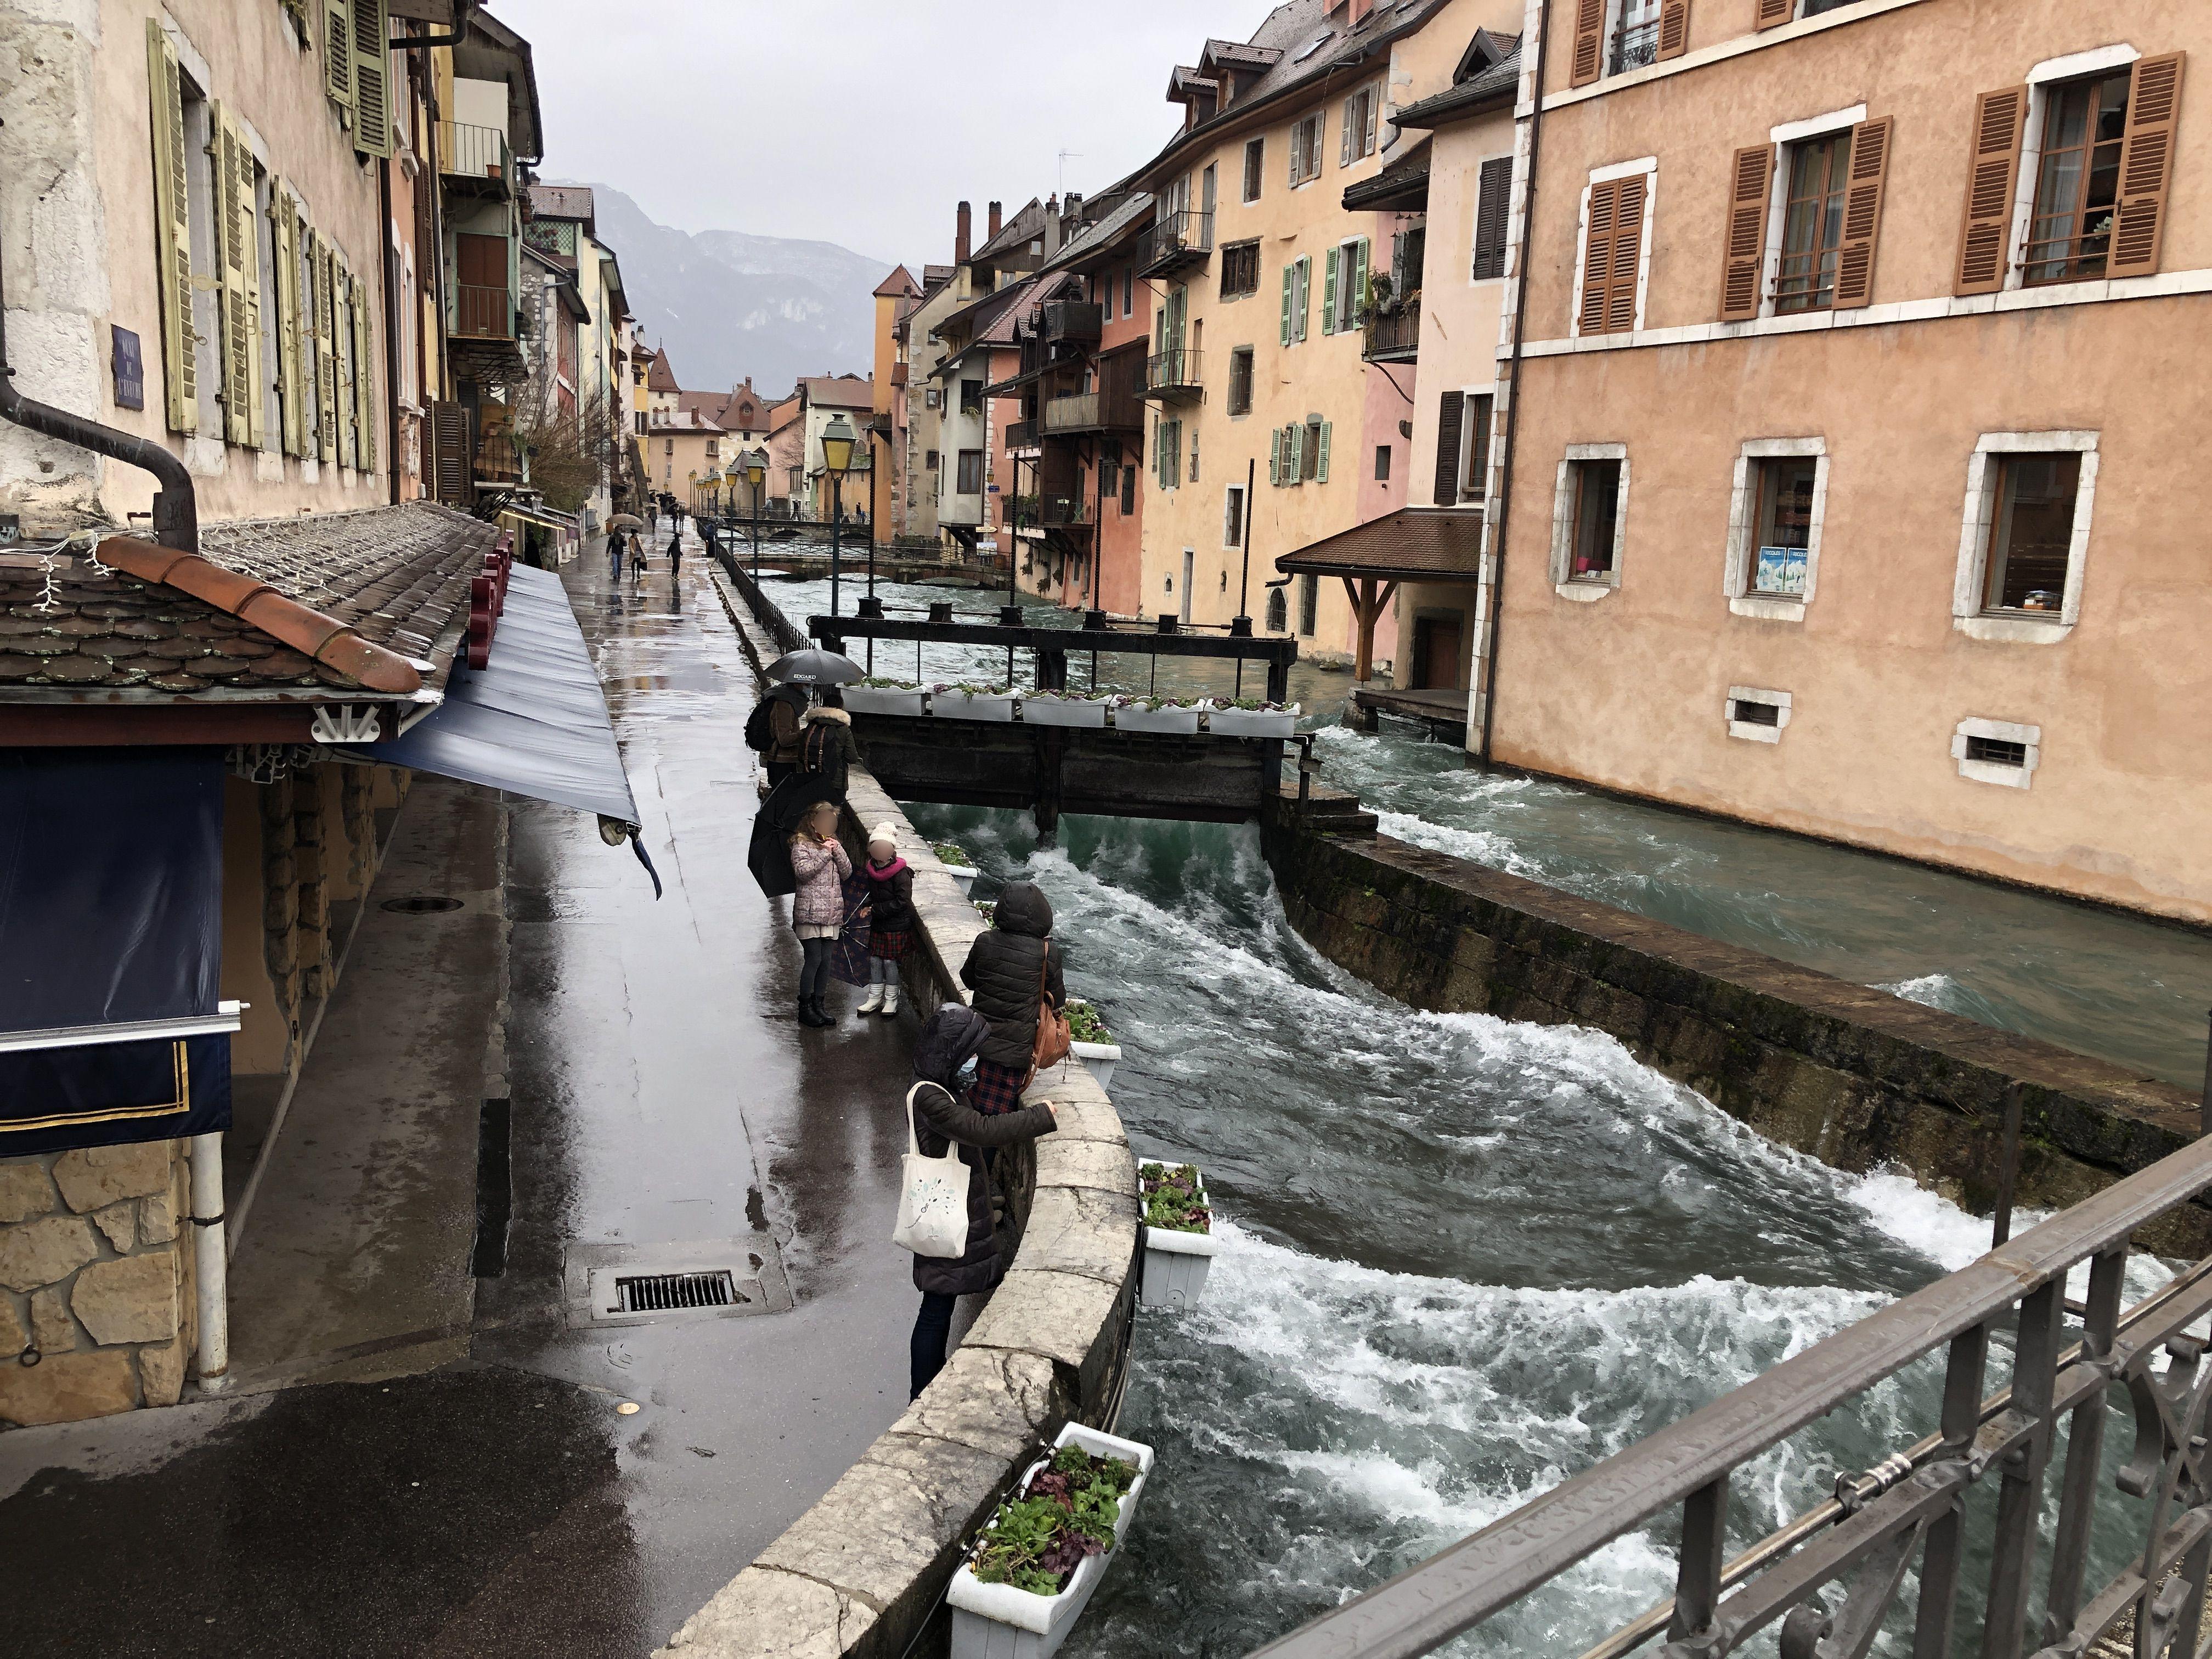 Les vannes du Thiou sont ouvertes, gonflant la rivière dans les canaux du vieil Annecy et inondant les rives en direction du pont Neuf.